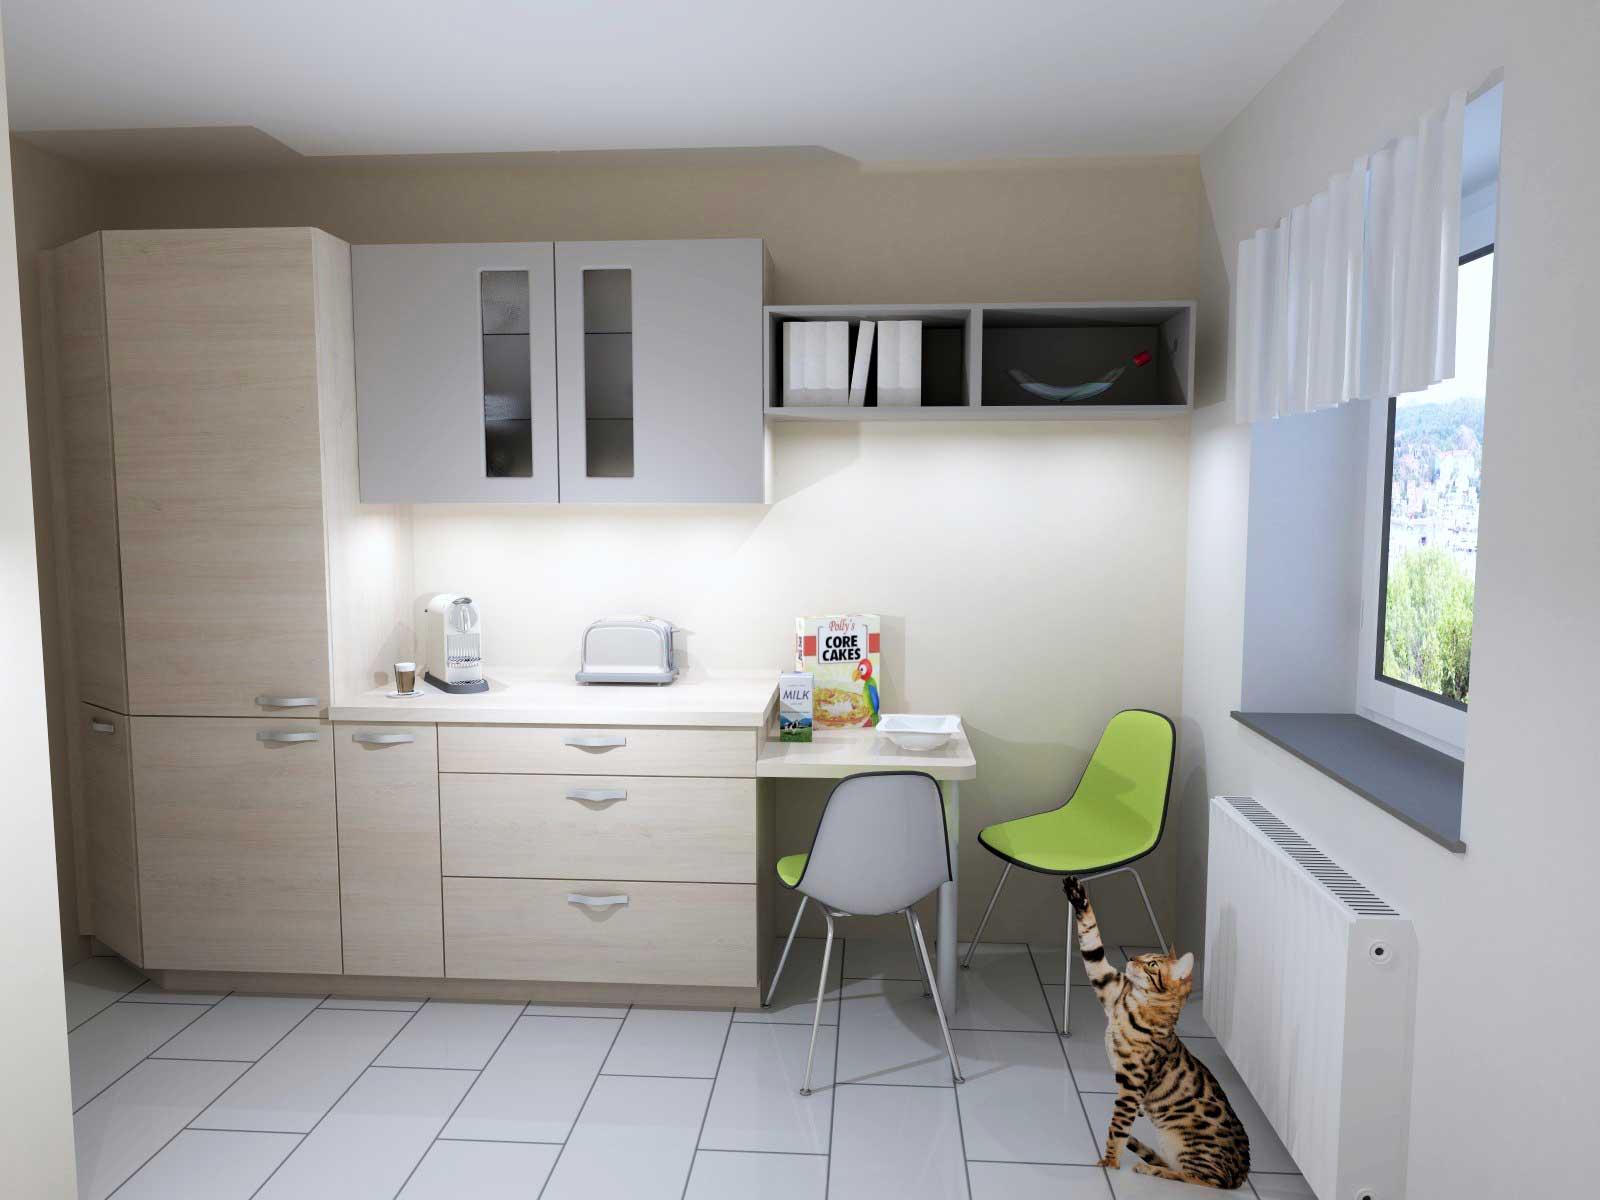 kleine k che ganz gro elbgefl ster. Black Bedroom Furniture Sets. Home Design Ideas